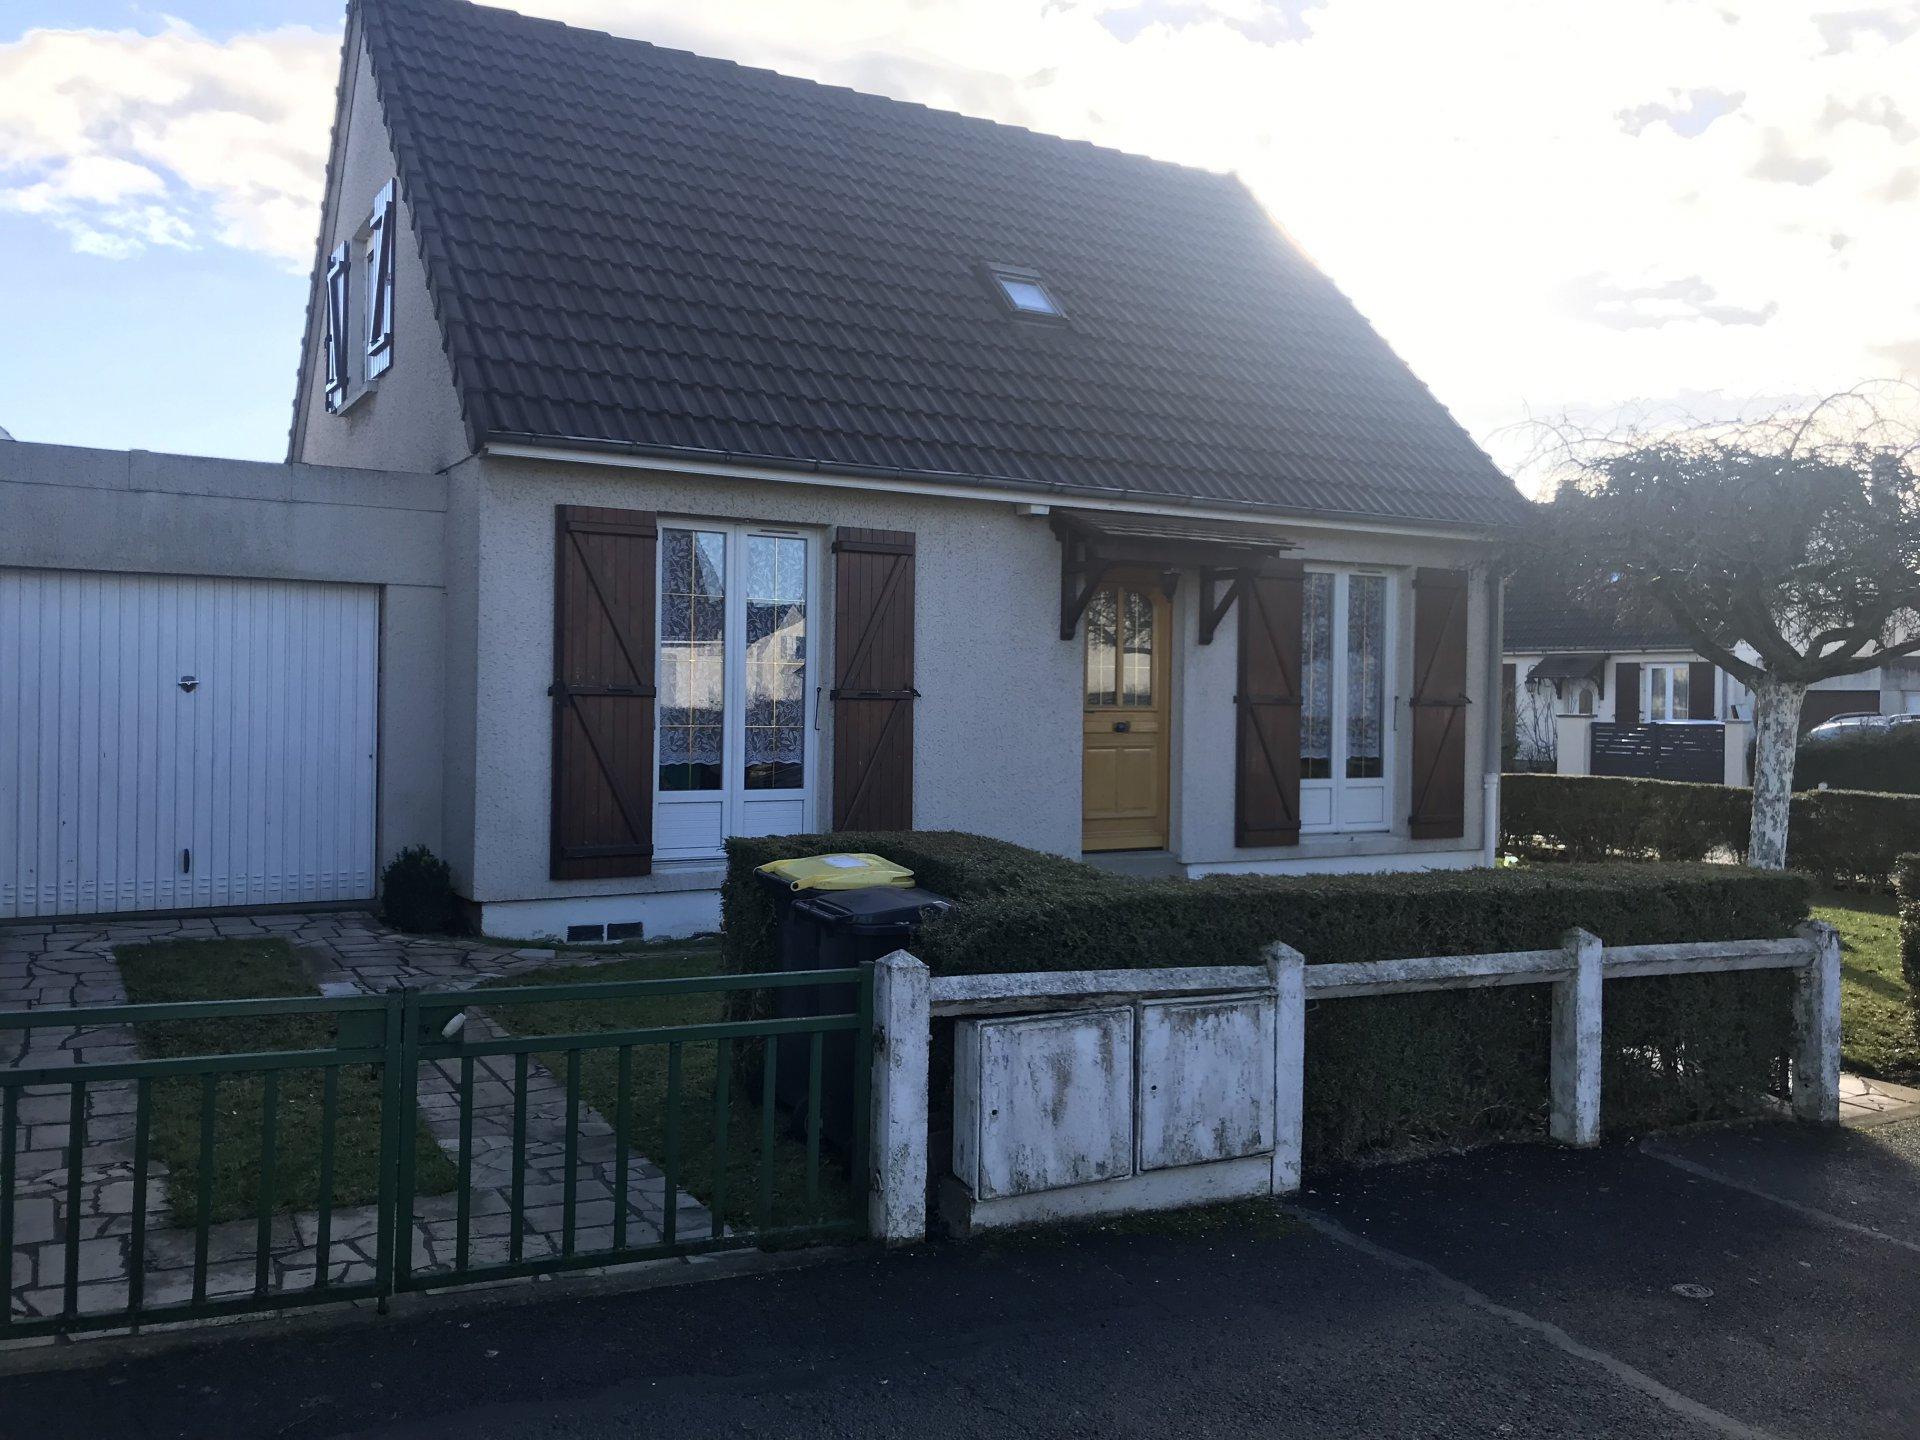 Maison  - Montataire - 219 000 € FAI